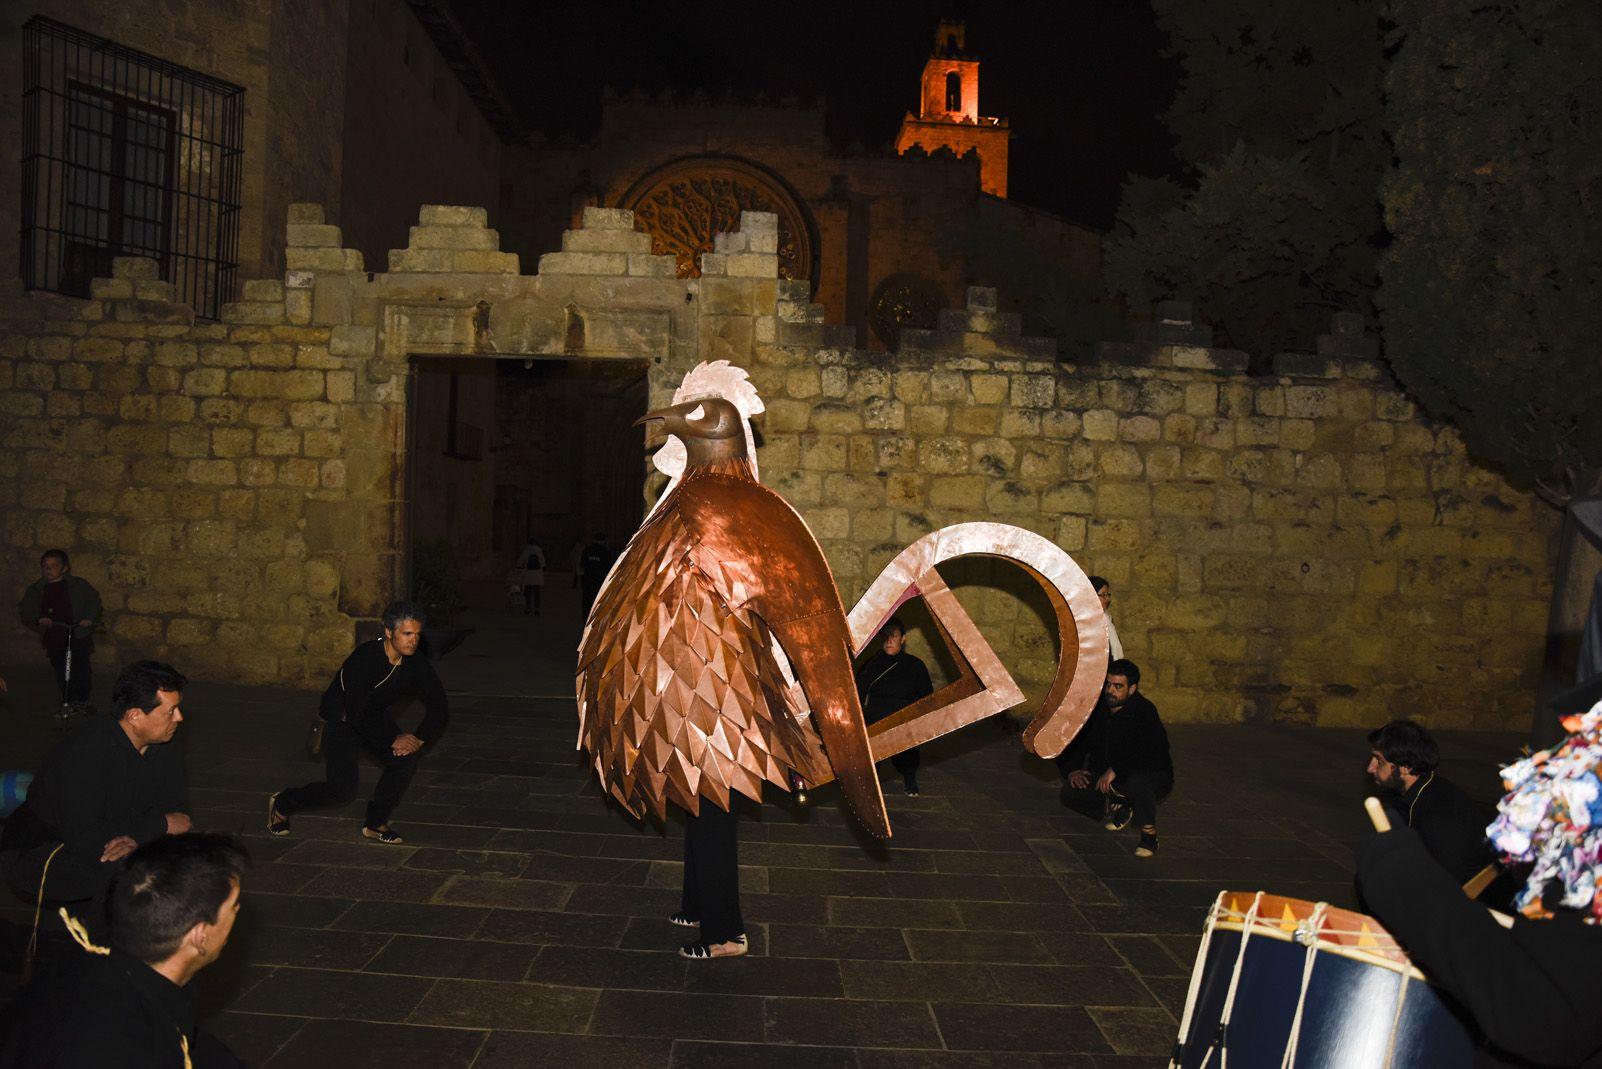 Processó d'enterrament del gall de Carnaval 2019. Foto: Bernat Millet.